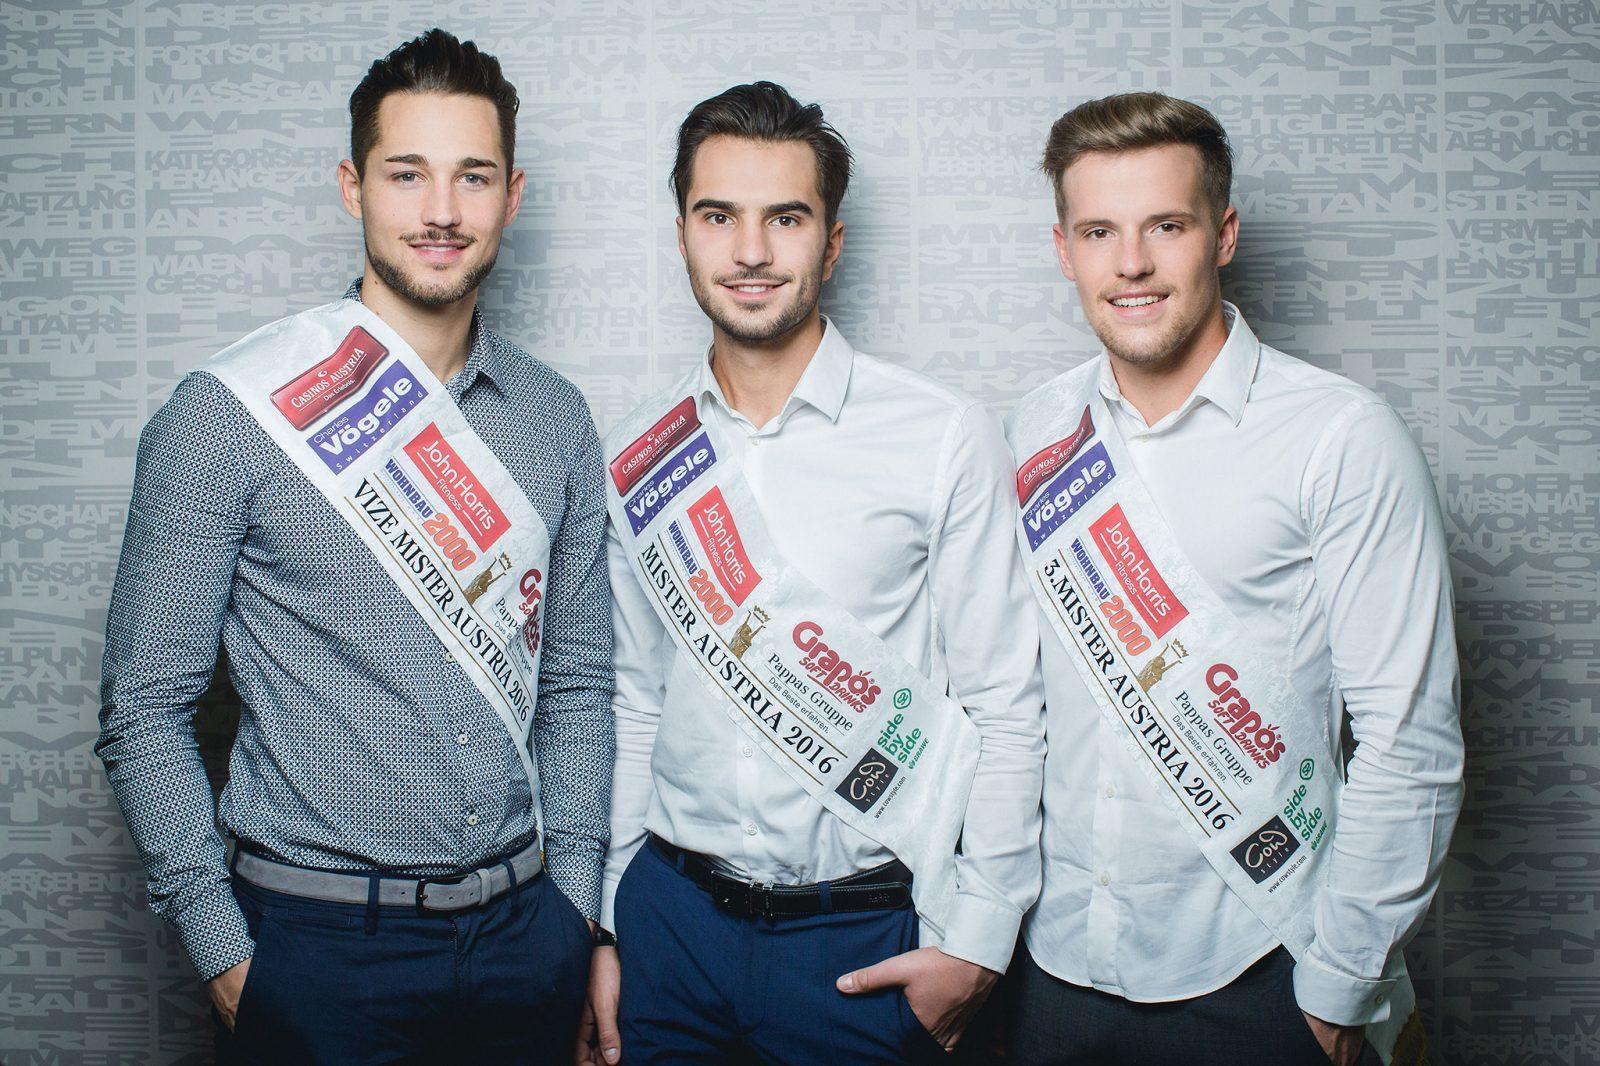 Mister Austria 2016 Gewinner (c) Miriam Primik